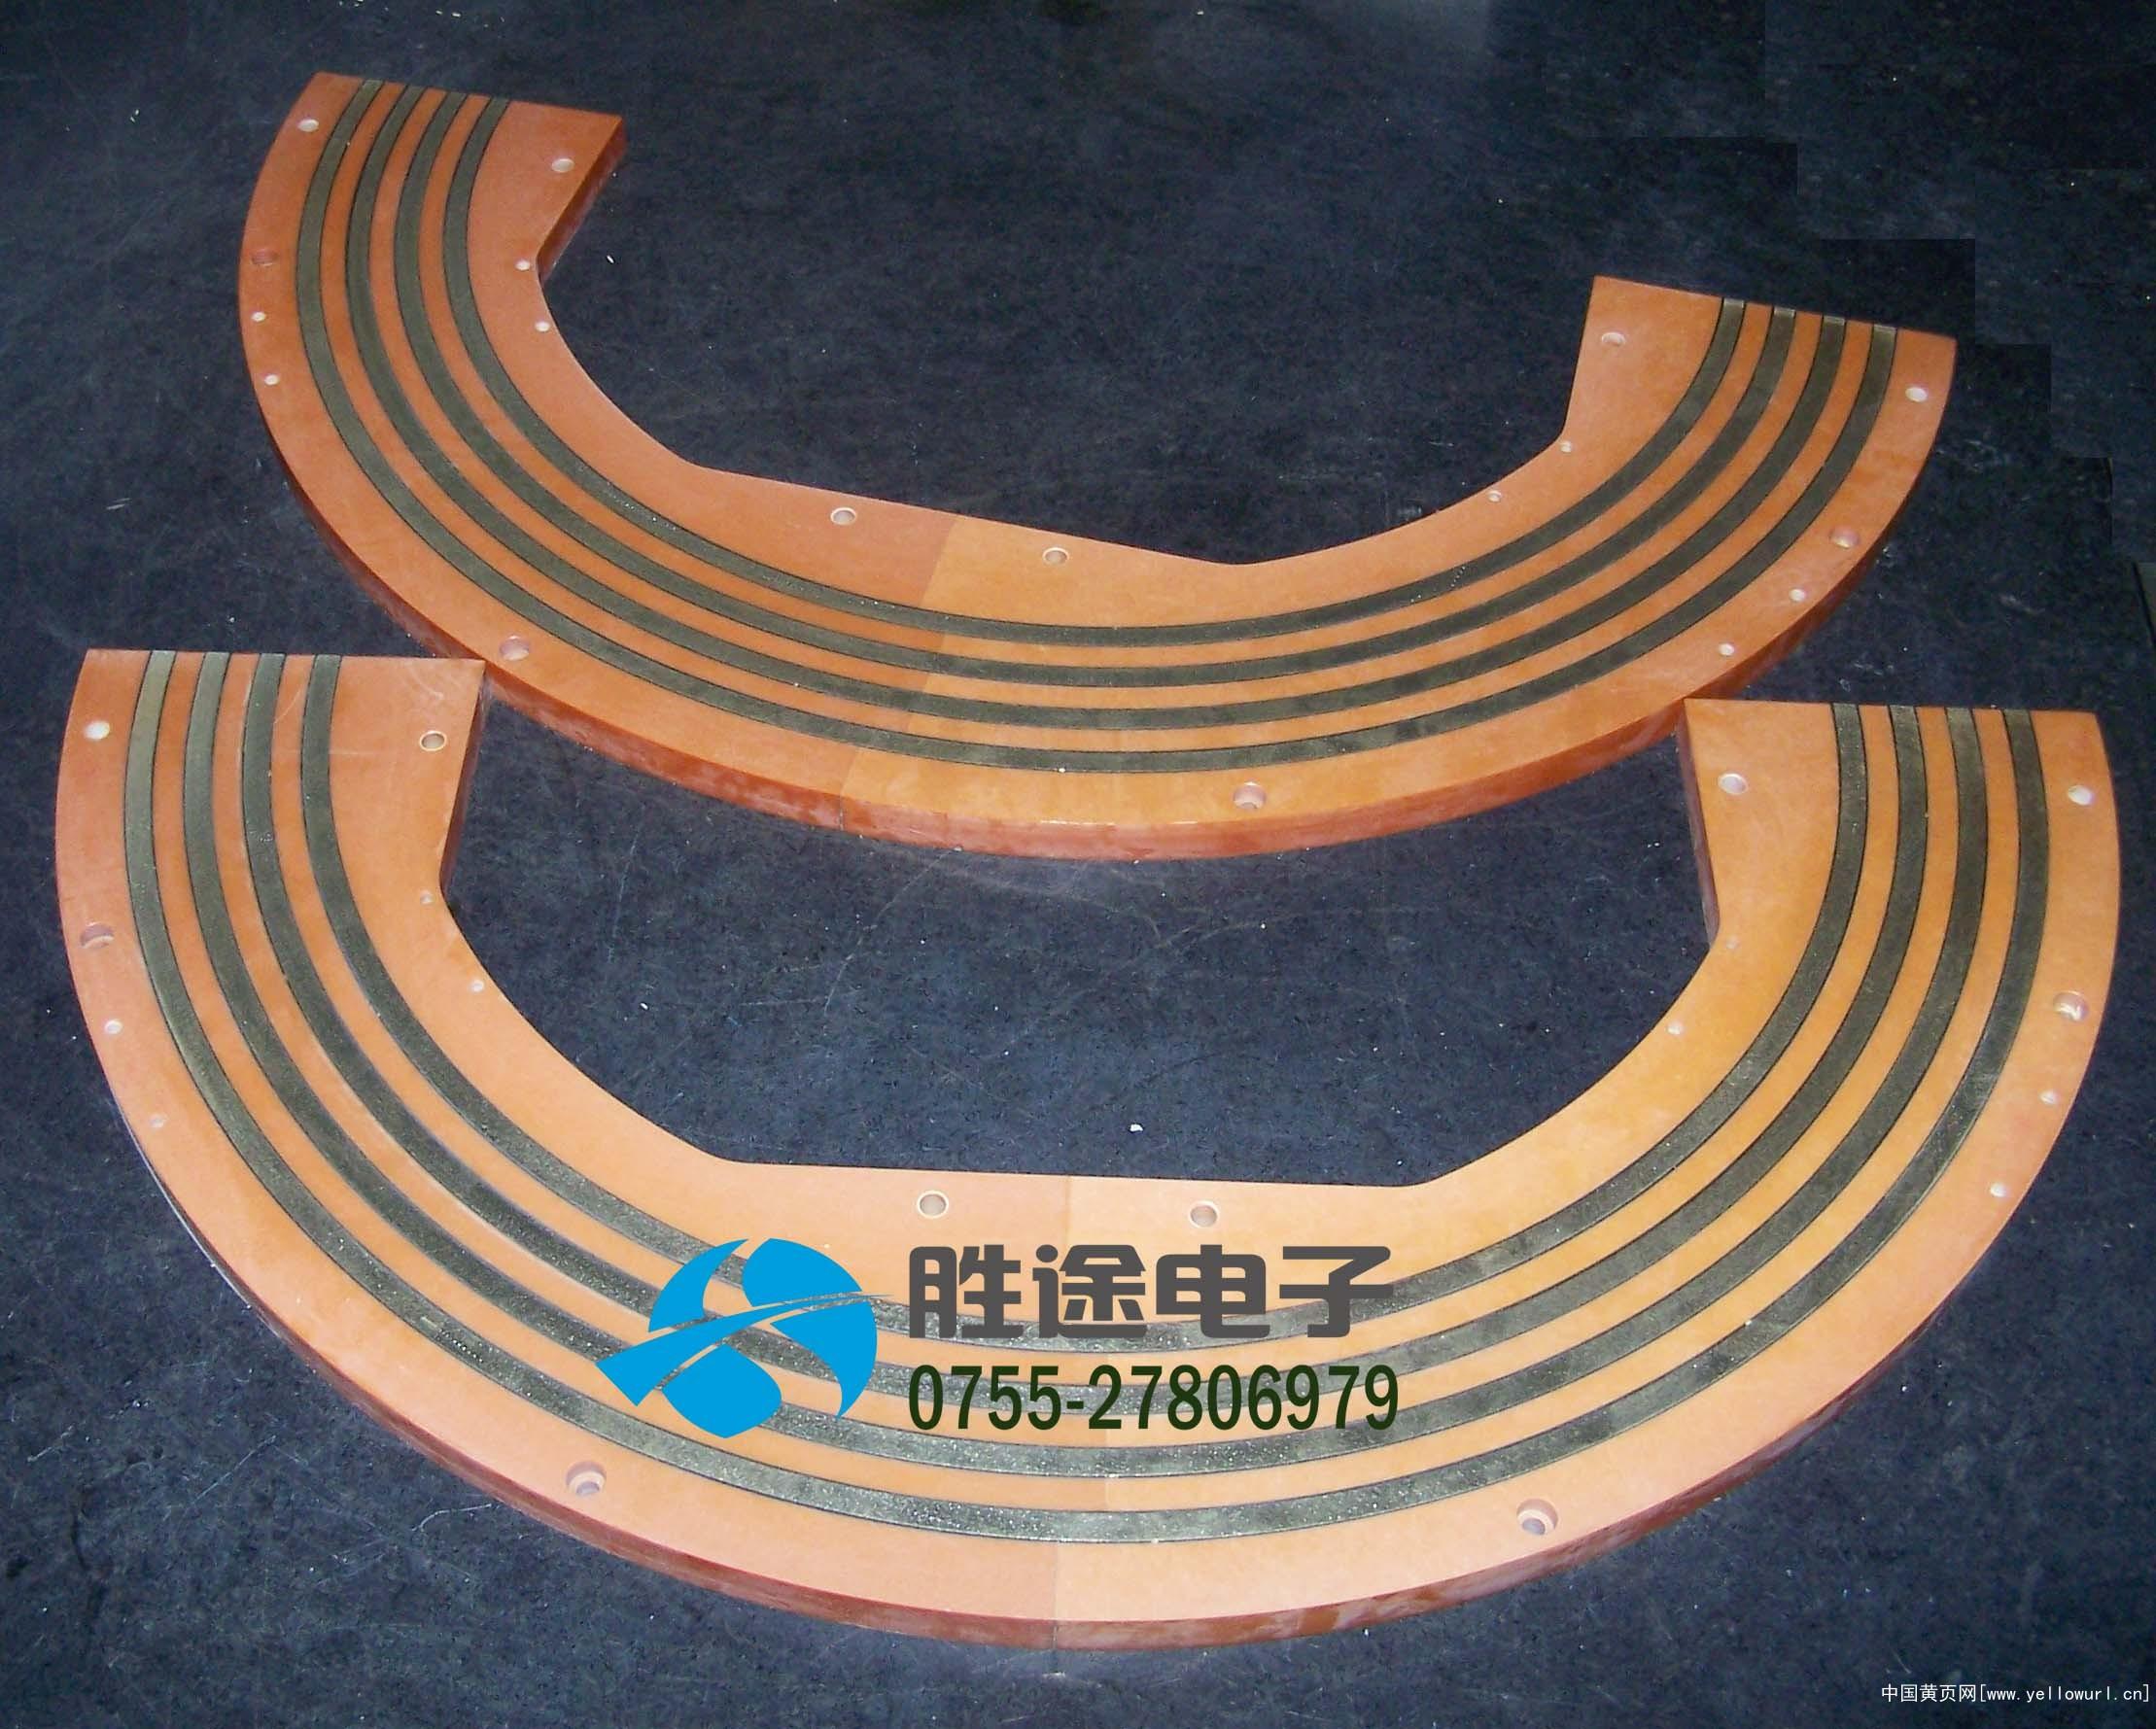 定制旋转舞台滑环   舞台半圆形滑环